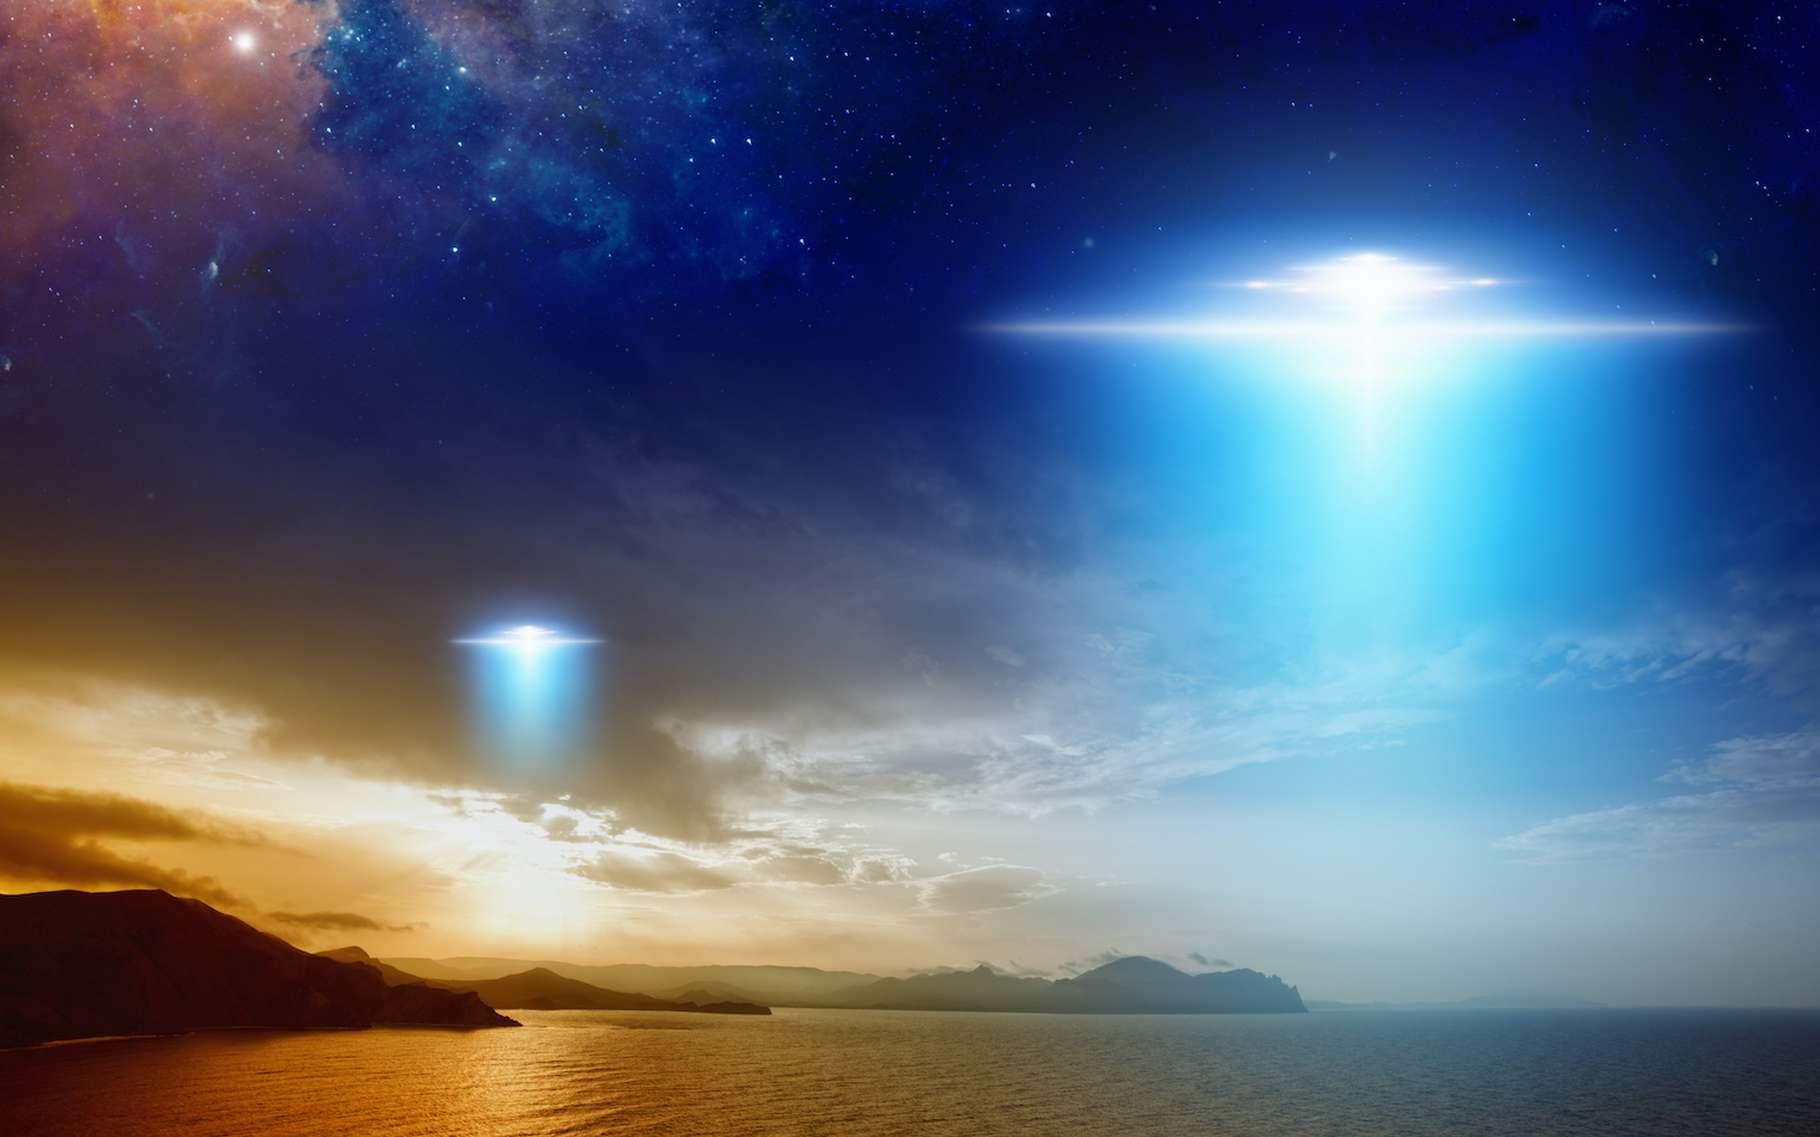 L'ambition du projet Galileo est d'étudier les phénomènes aérospatiaux non identifiés (Pan) dans l'espoir de répondre à LA question : sommes-nous seuls dans l'Univers ? © IgorZh, Adobe Stock